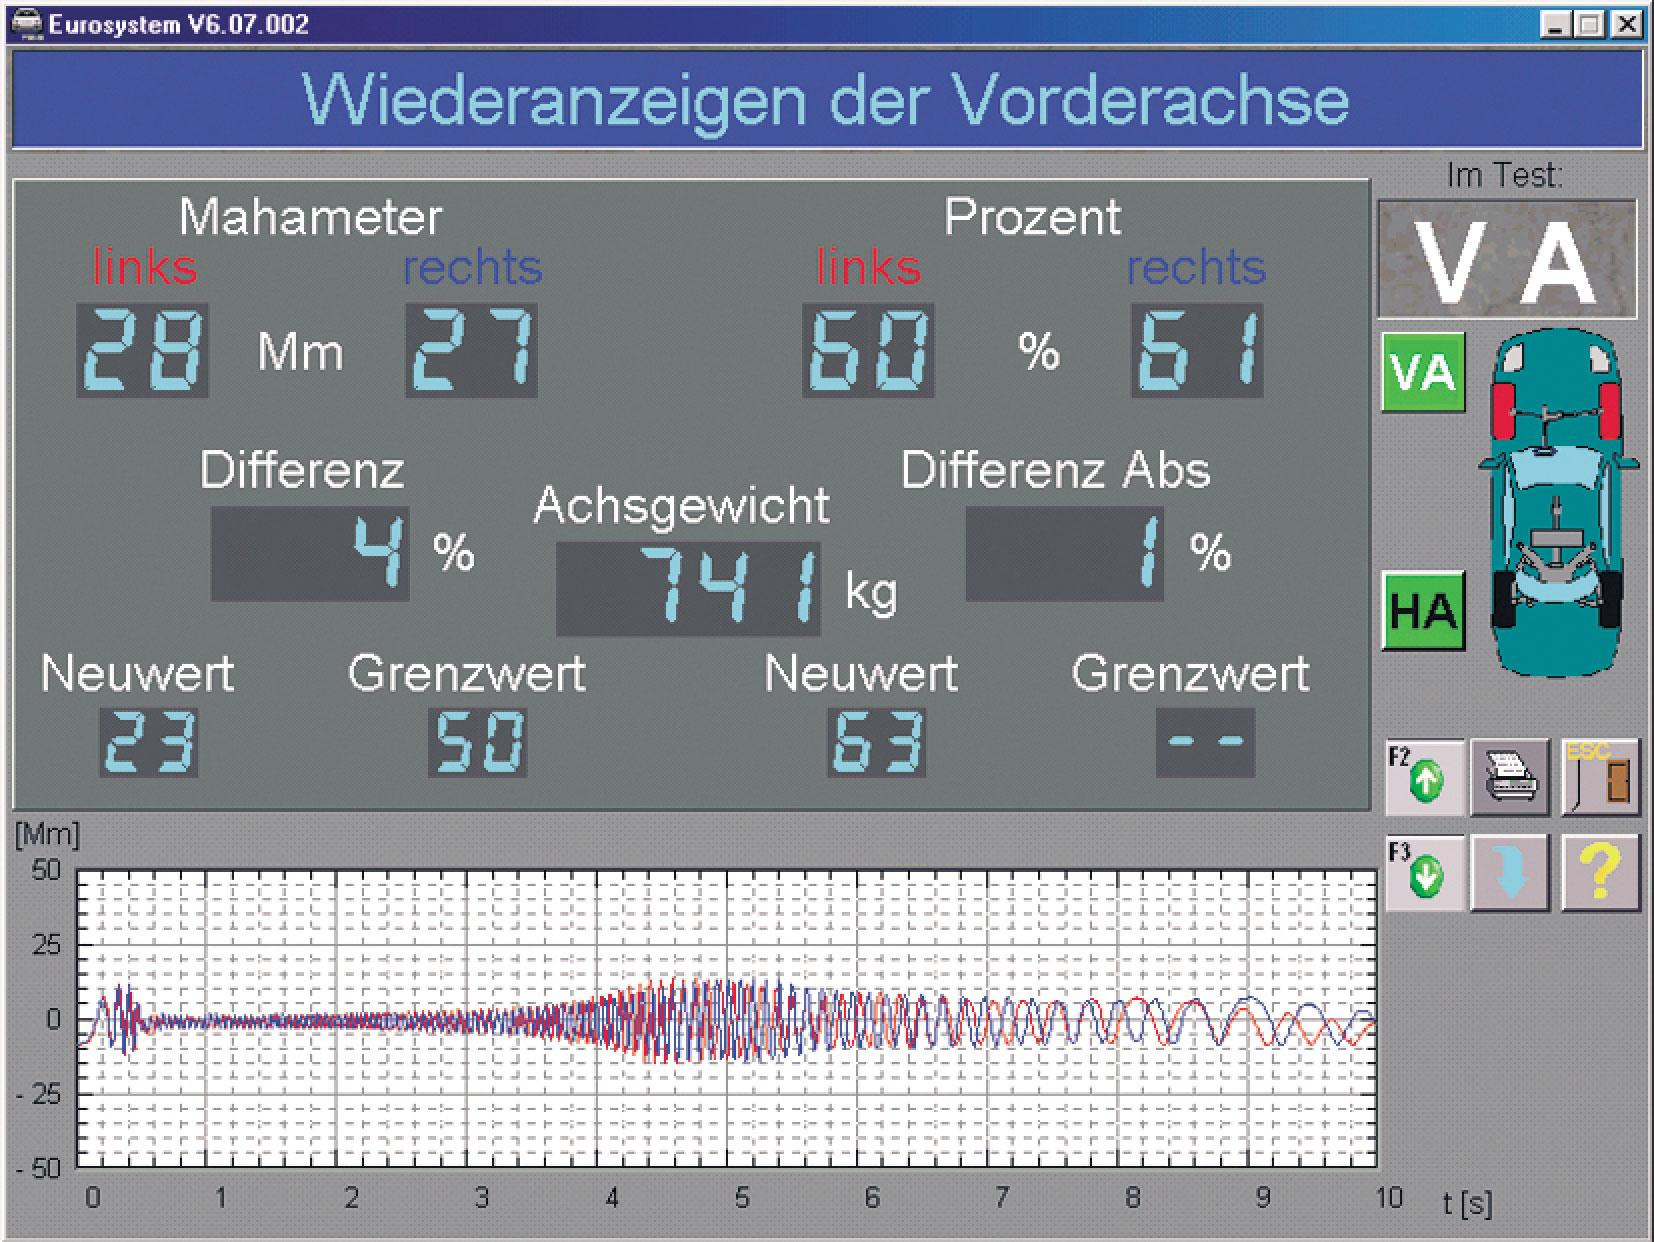 4a. Przykład liczbowej iwykreślnej (przebieg przemieszczenia płyty stanowiska wfunkcji czasu) prezentacji wyników badania układu zawieszenia samochodu na stanowisku SA 2/FWT 1 (źródło: Maha): dla osi przedniej